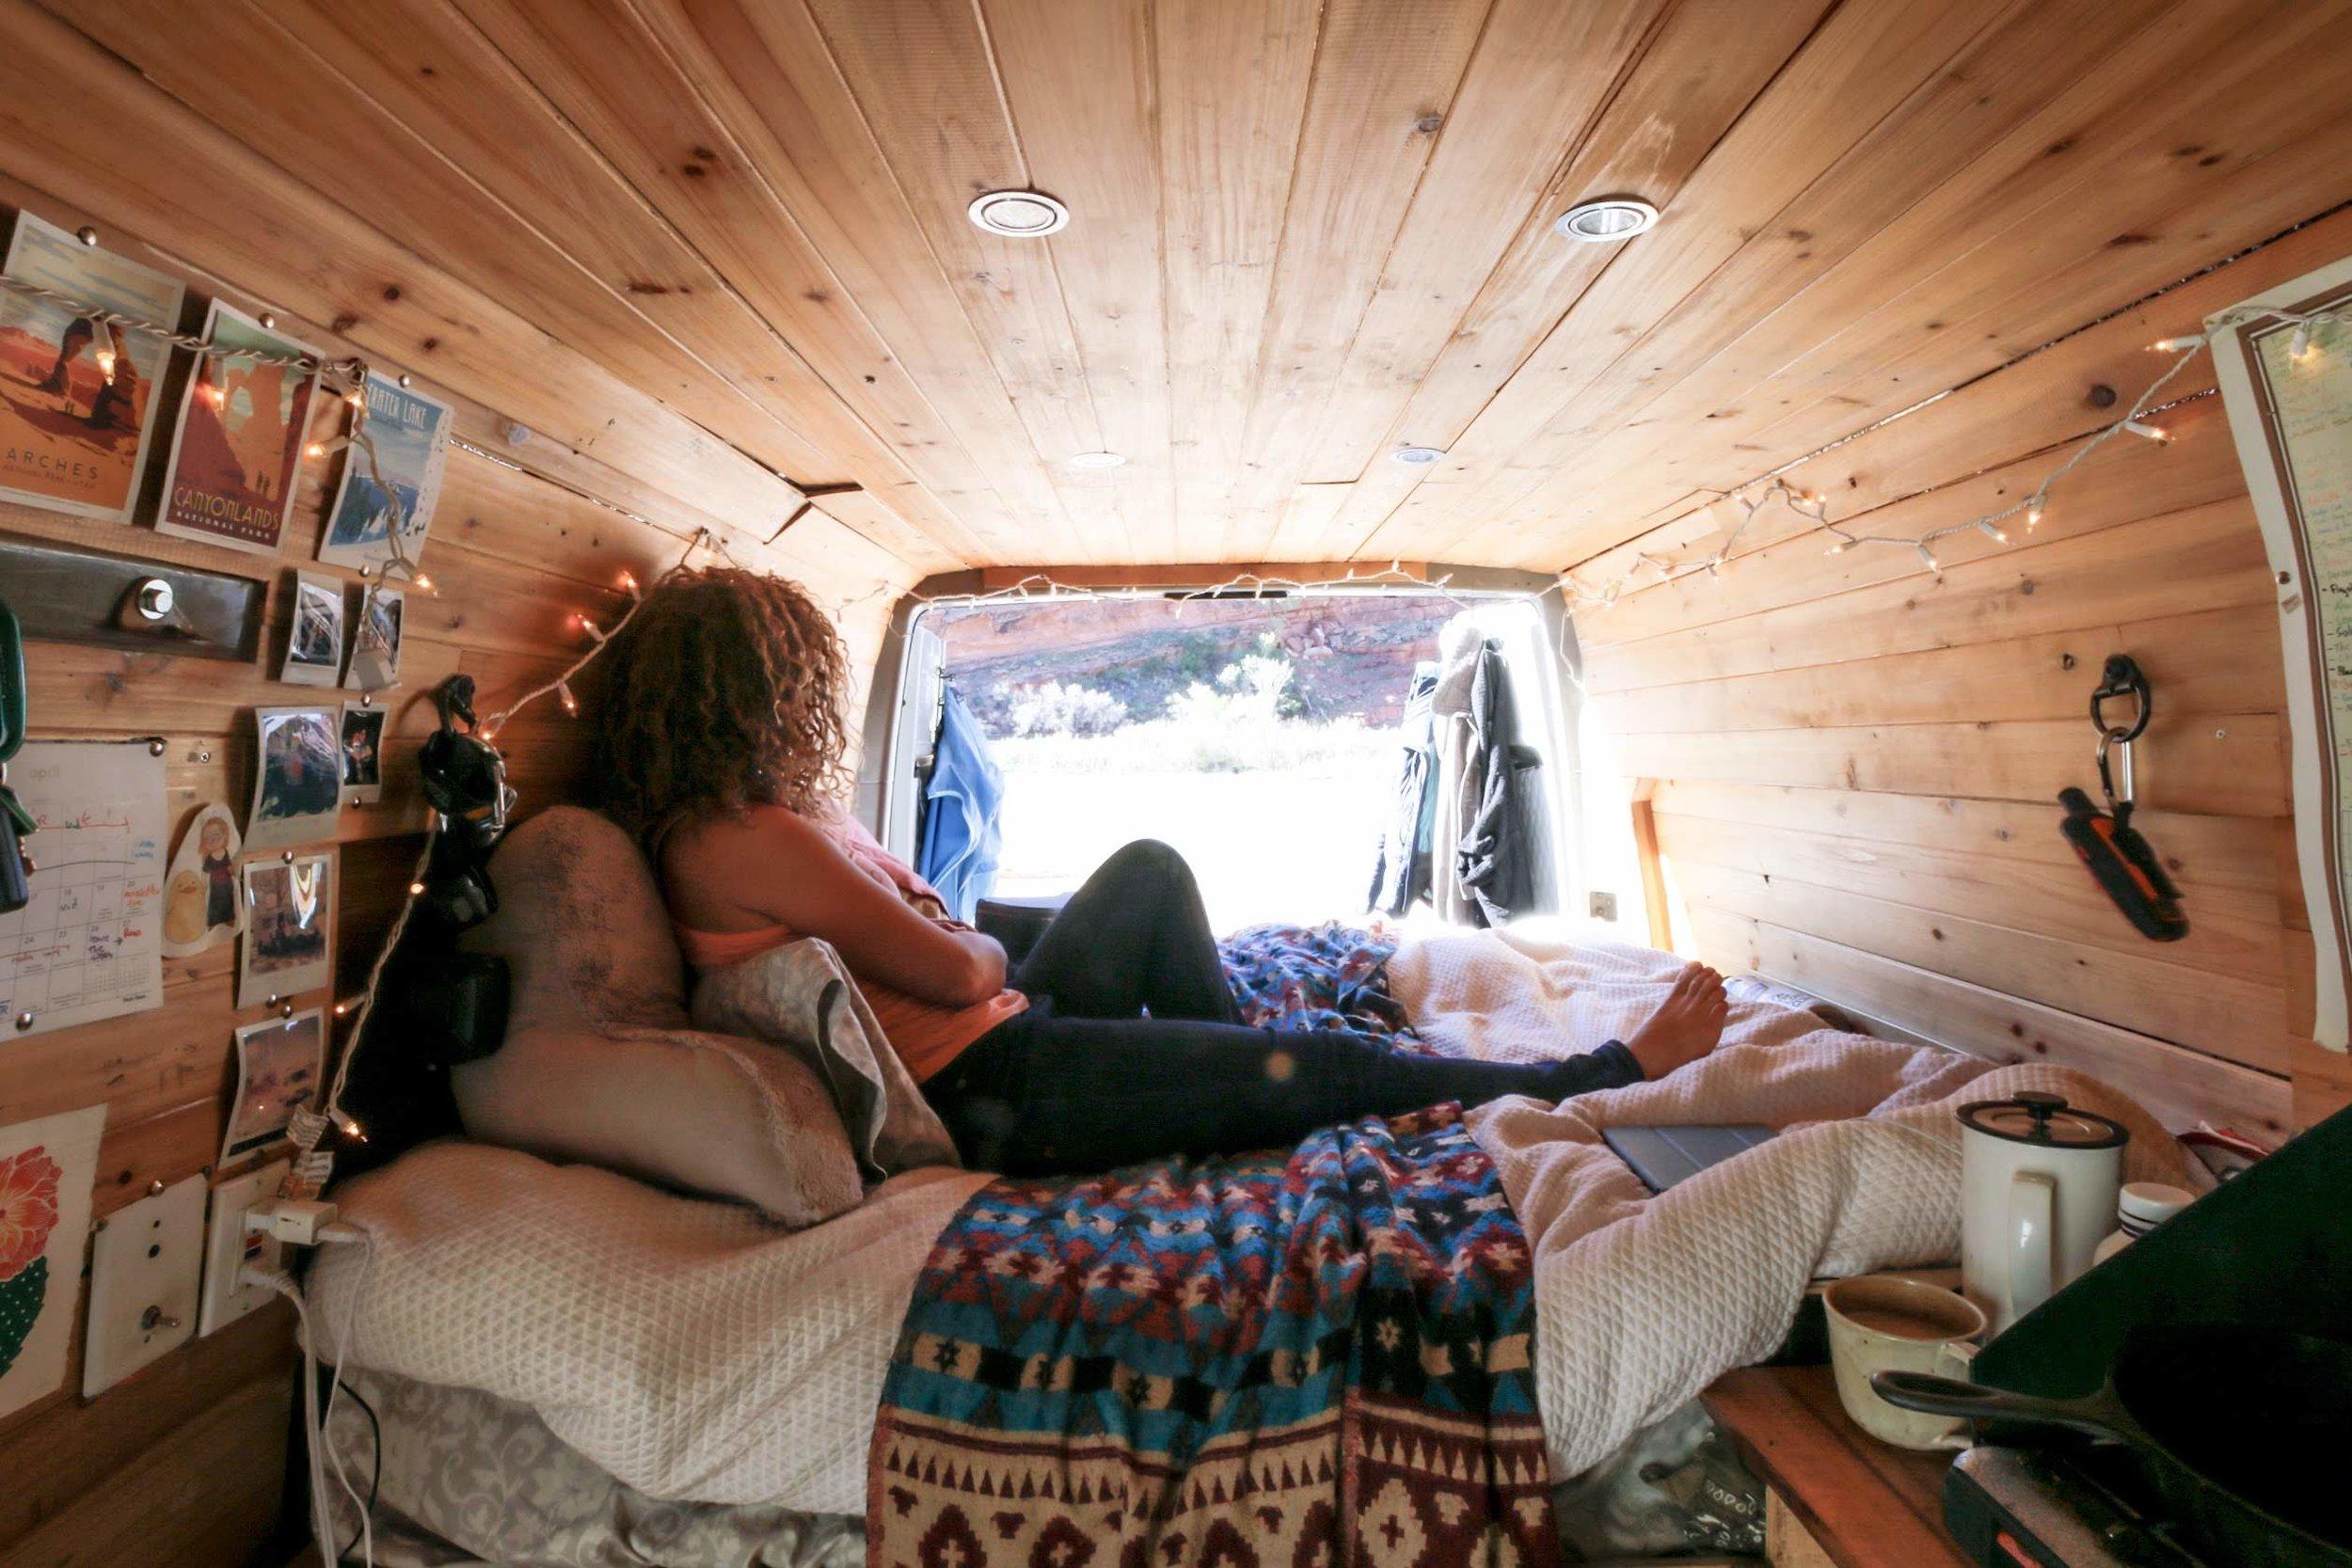 One Chick Travels Van back doors open